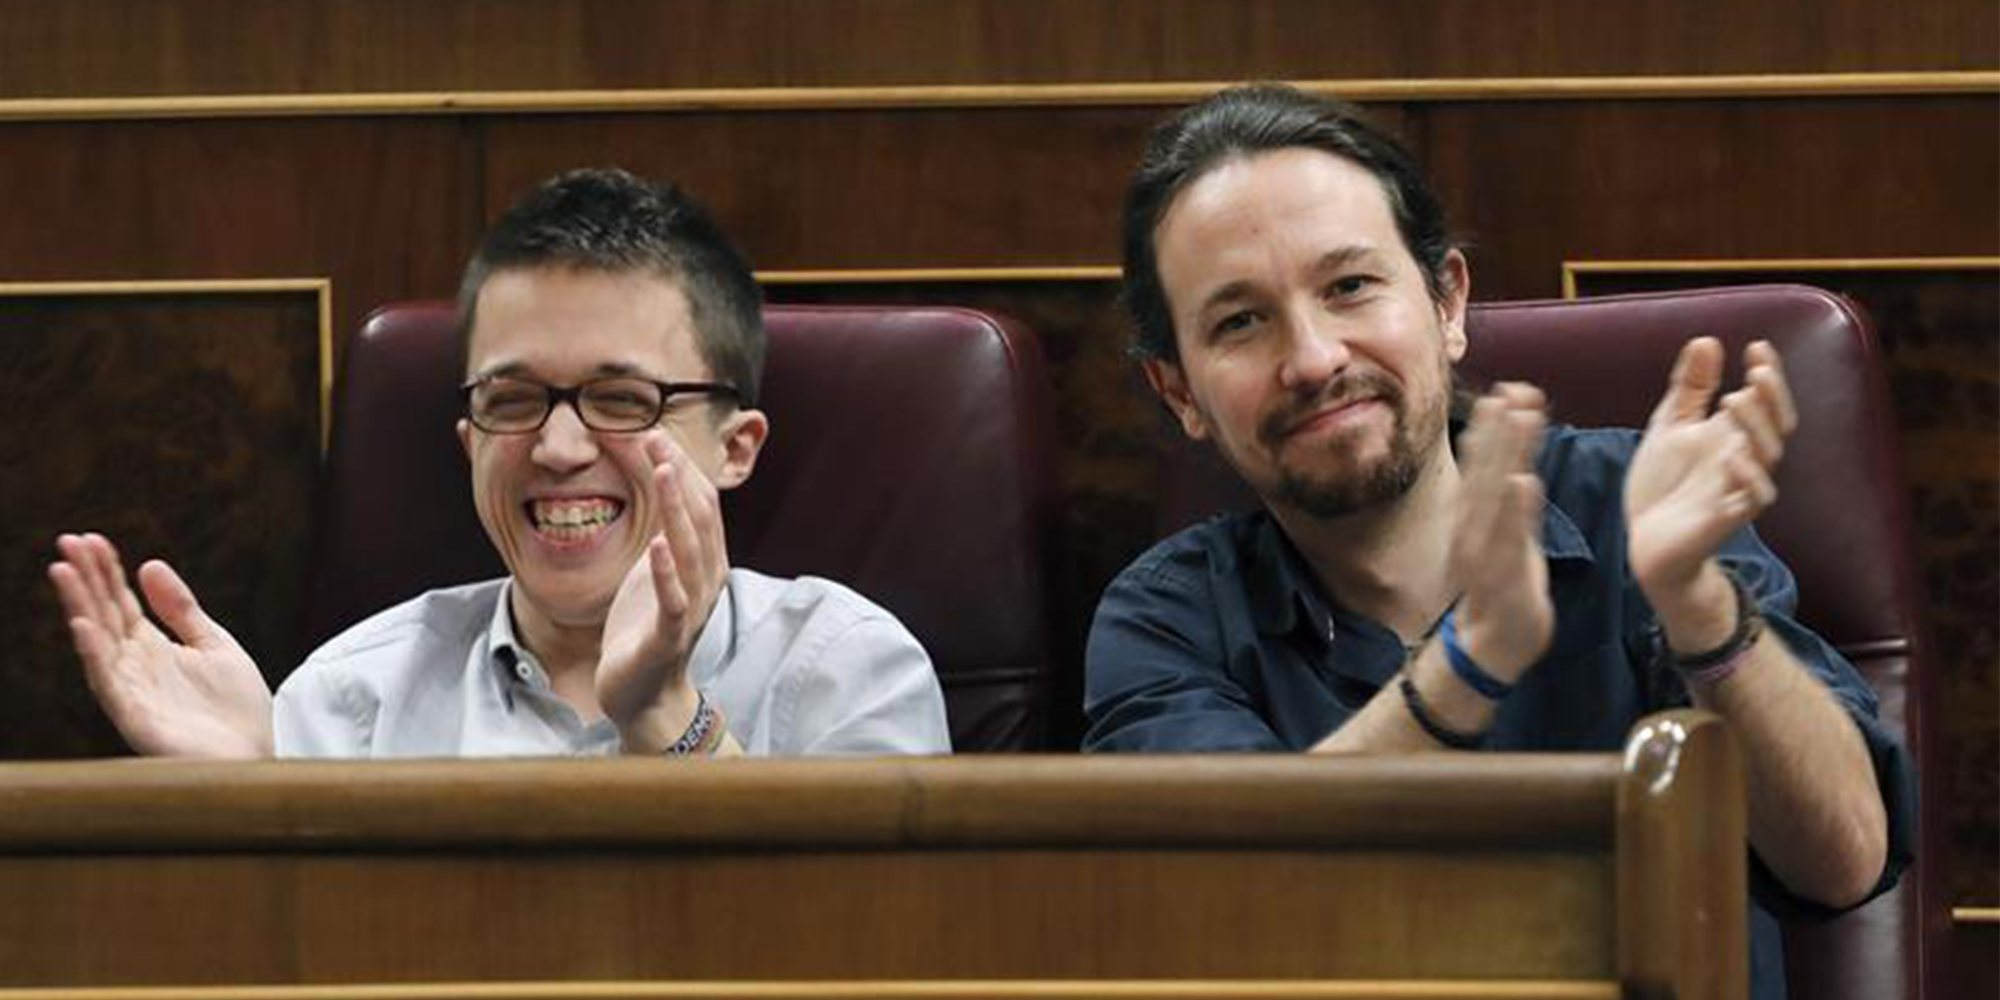 Enemigos Íntimos: Pablo Iglesias e Íñigo Errejón, los dos amigos que fundaron un partido que los separó